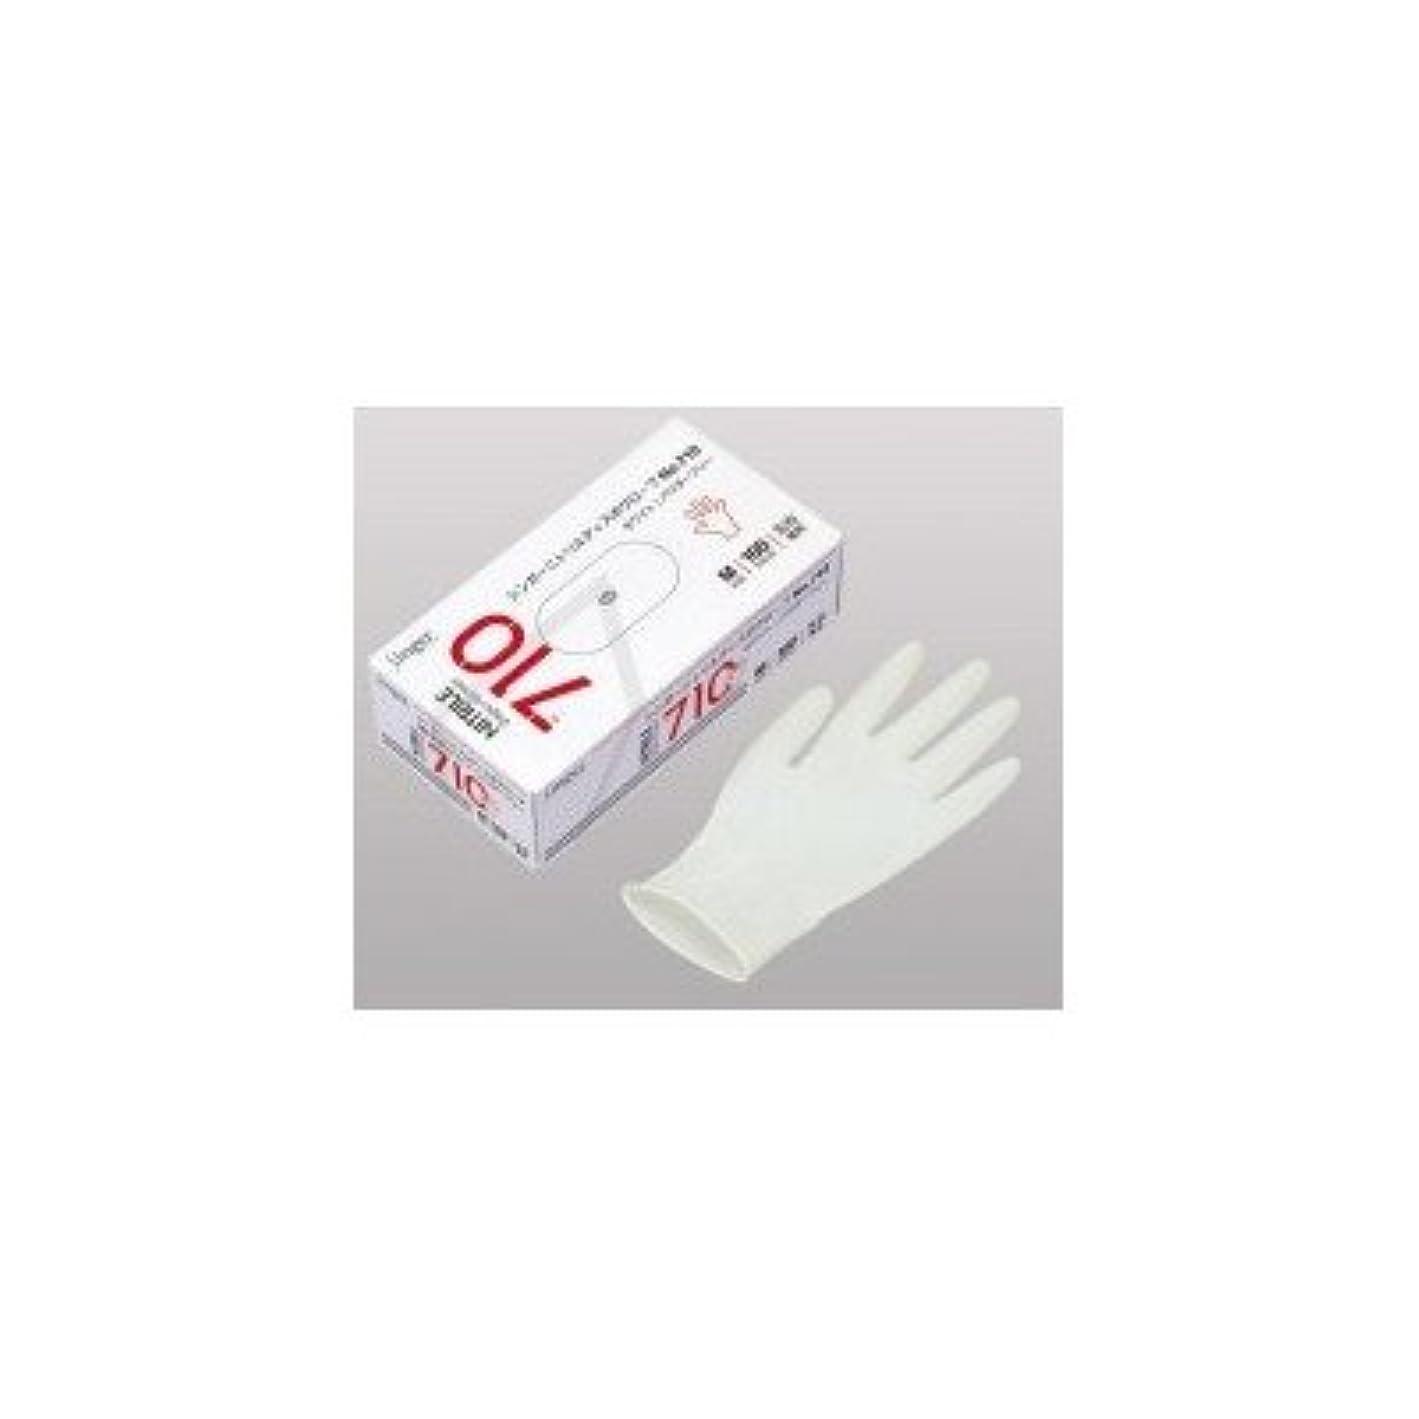 威するせせらぎプレミアシンガー ニトリルディスポグローブ(手袋) No.710 ホワイト パウダーフリー(100枚) M( 画像はイメージ画像です お届けの商品はMのみとなります)